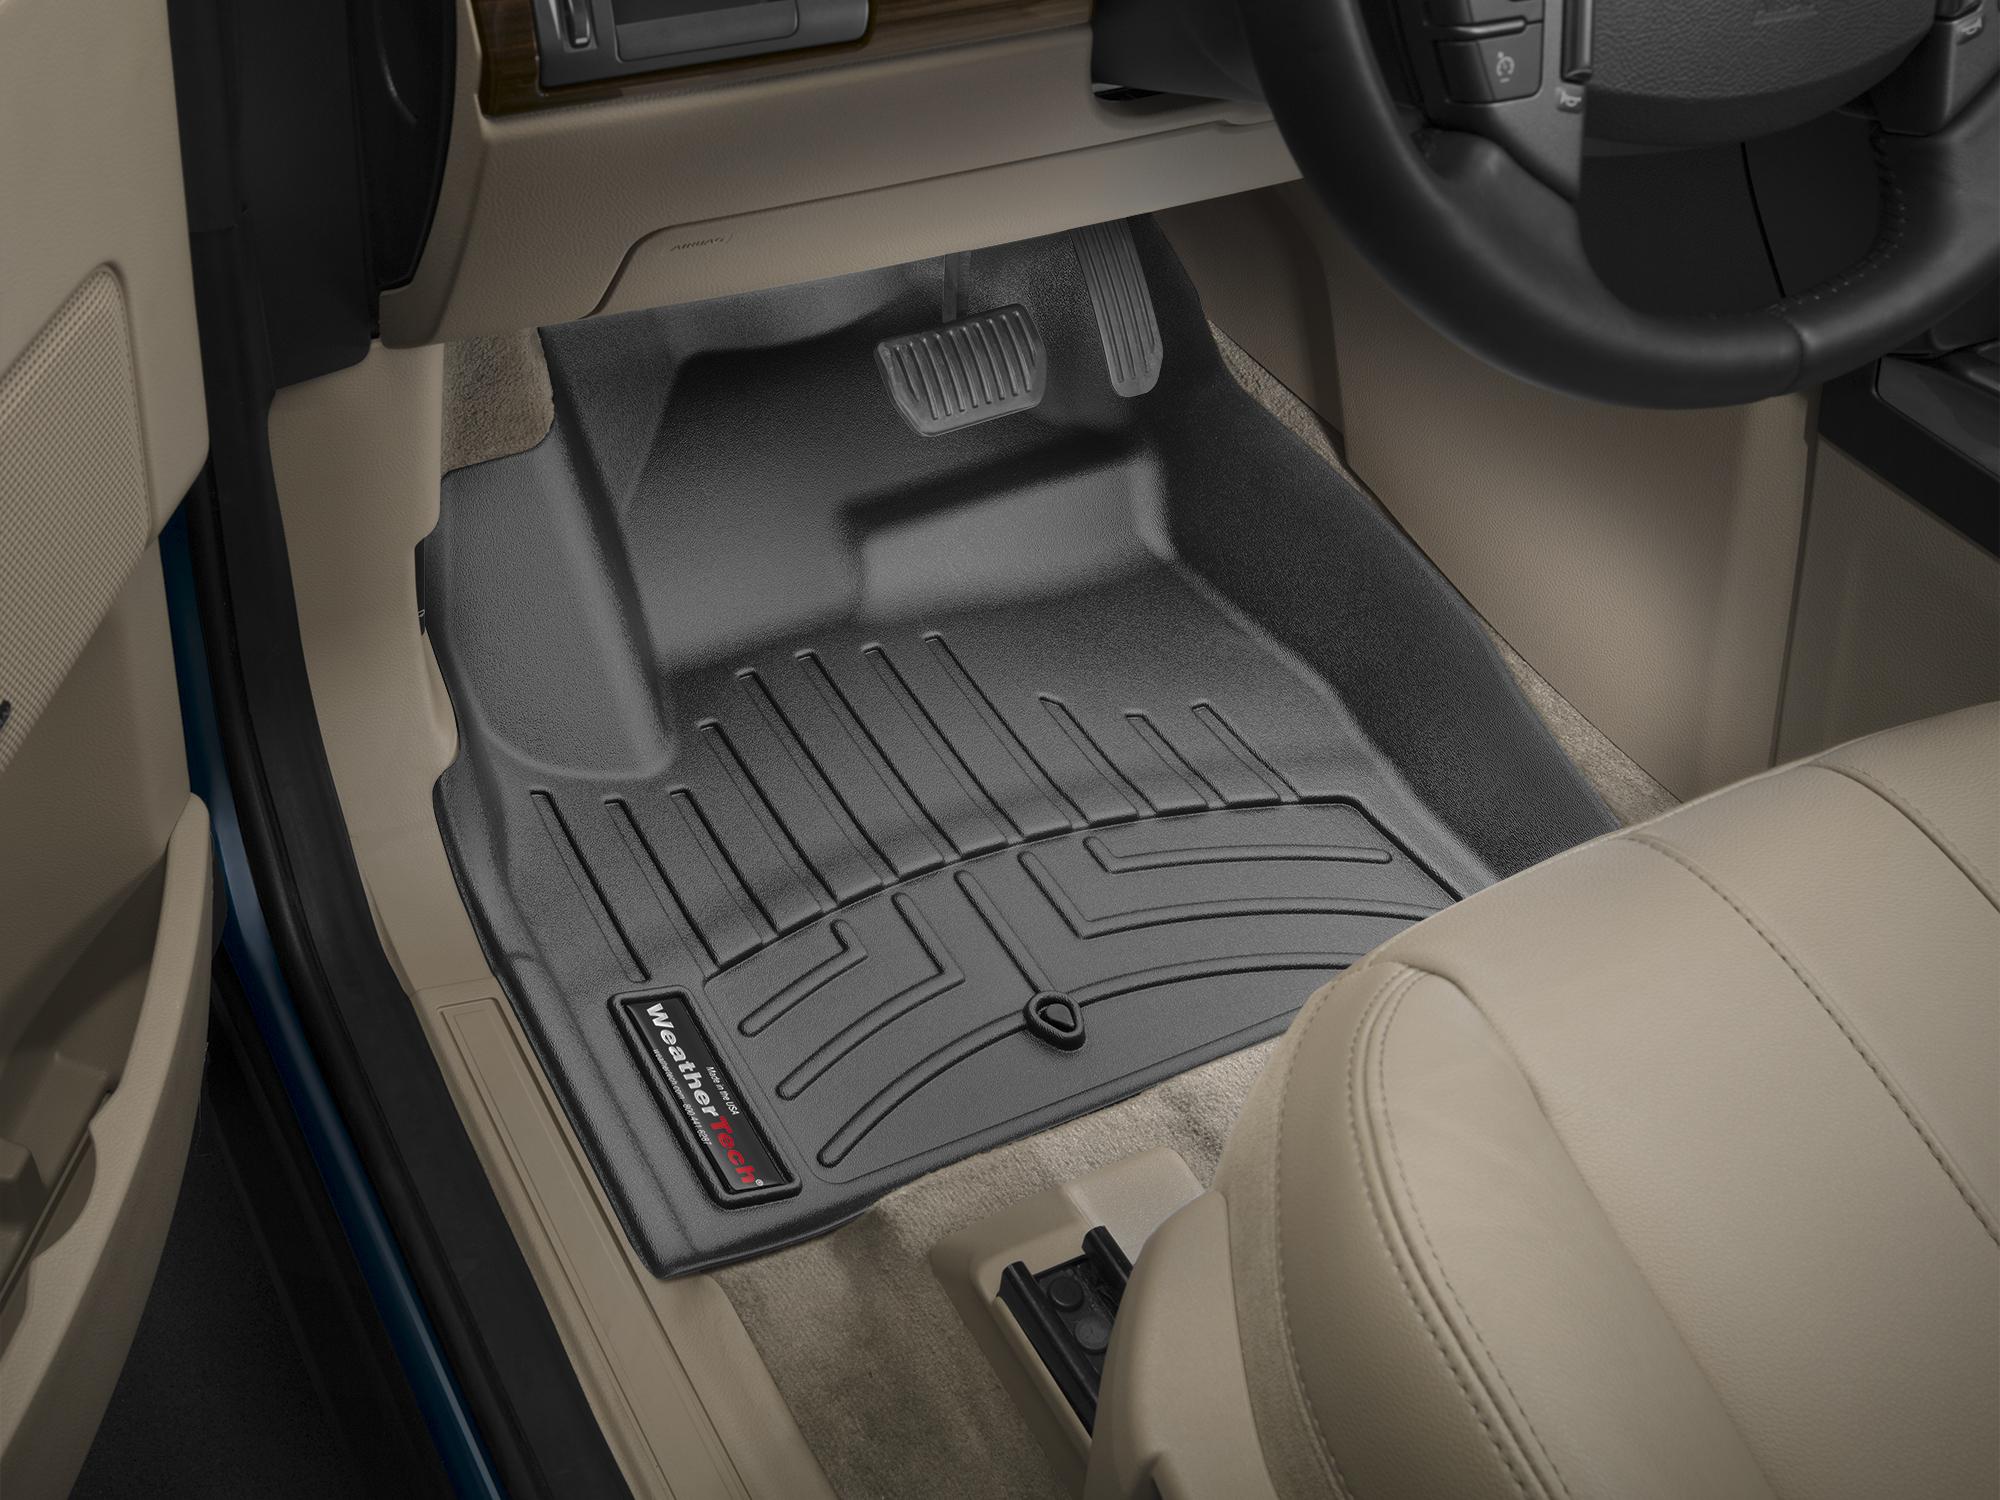 Tappeti gomma su misura bordo alto Land Rover 13>15 Nero A1978*